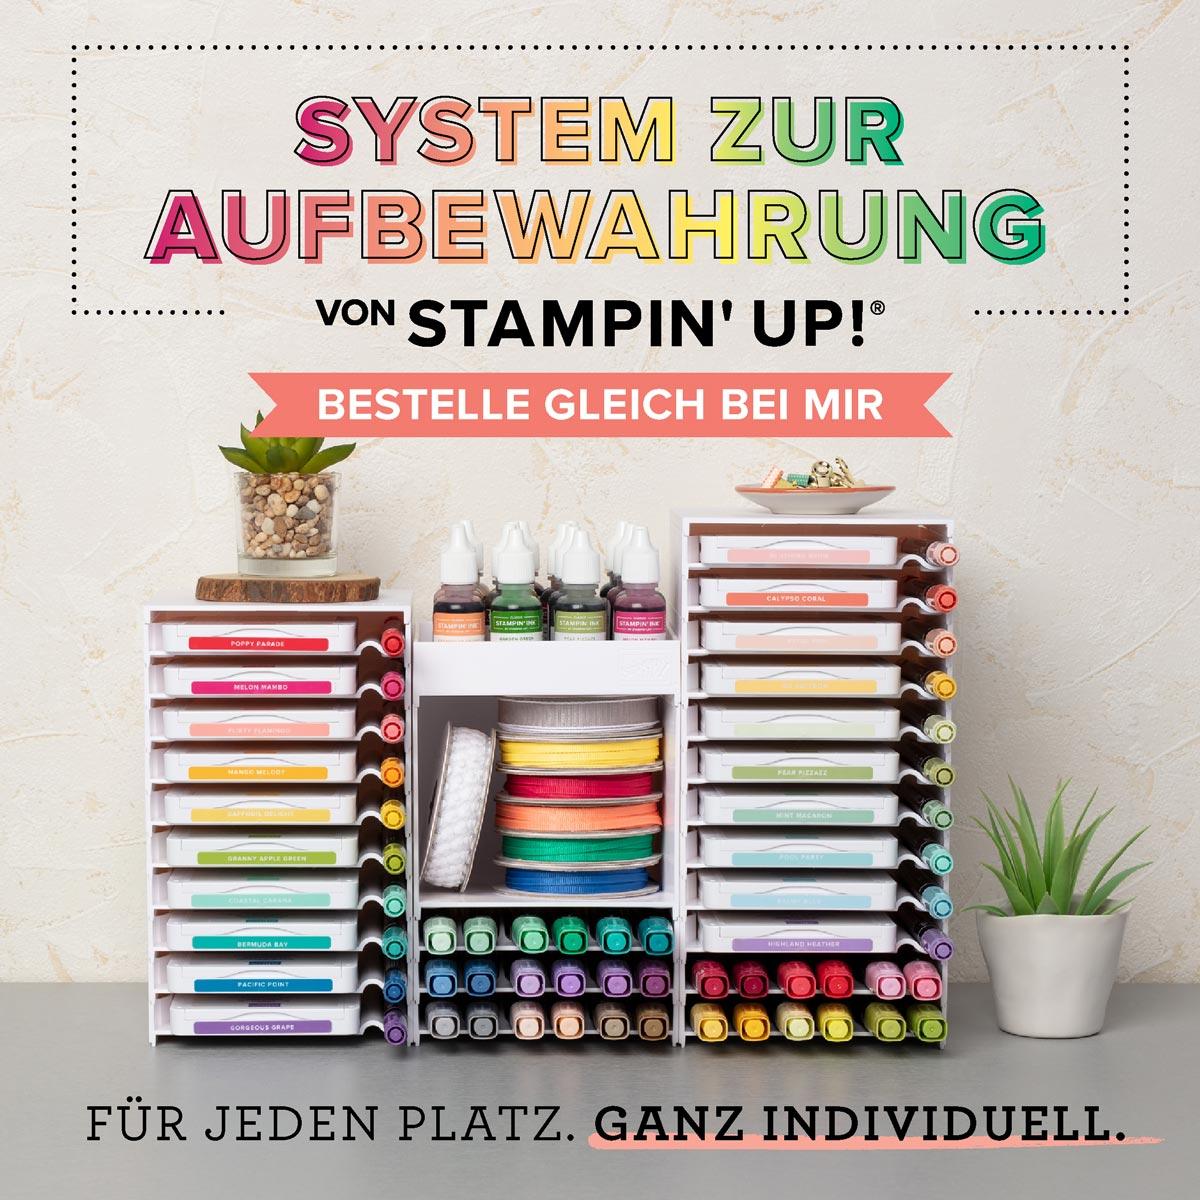 Neues Aufbewahrungssystem von Stampin' Up!